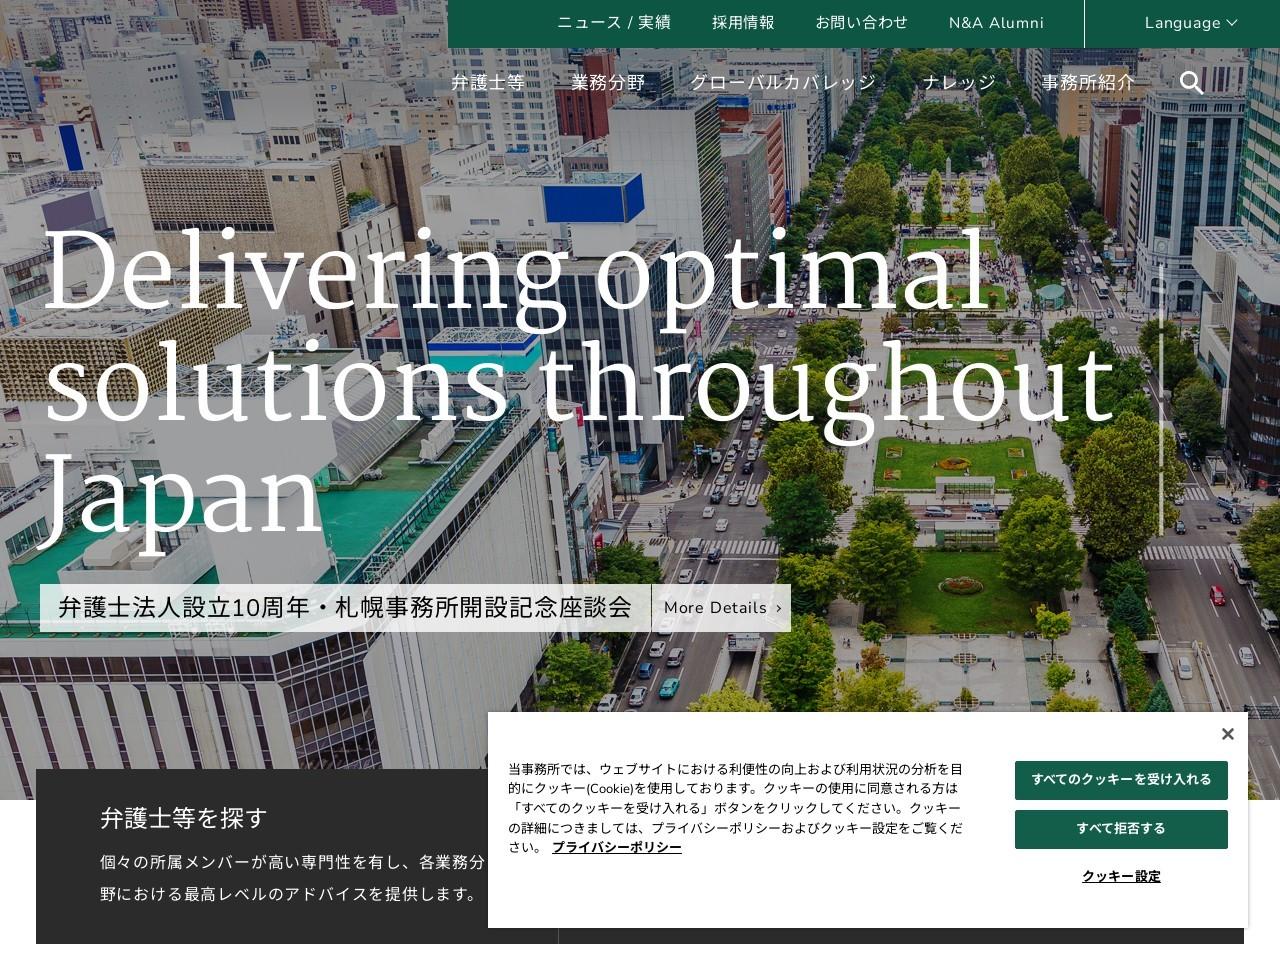 西村あさひ法律事務所大阪事務所